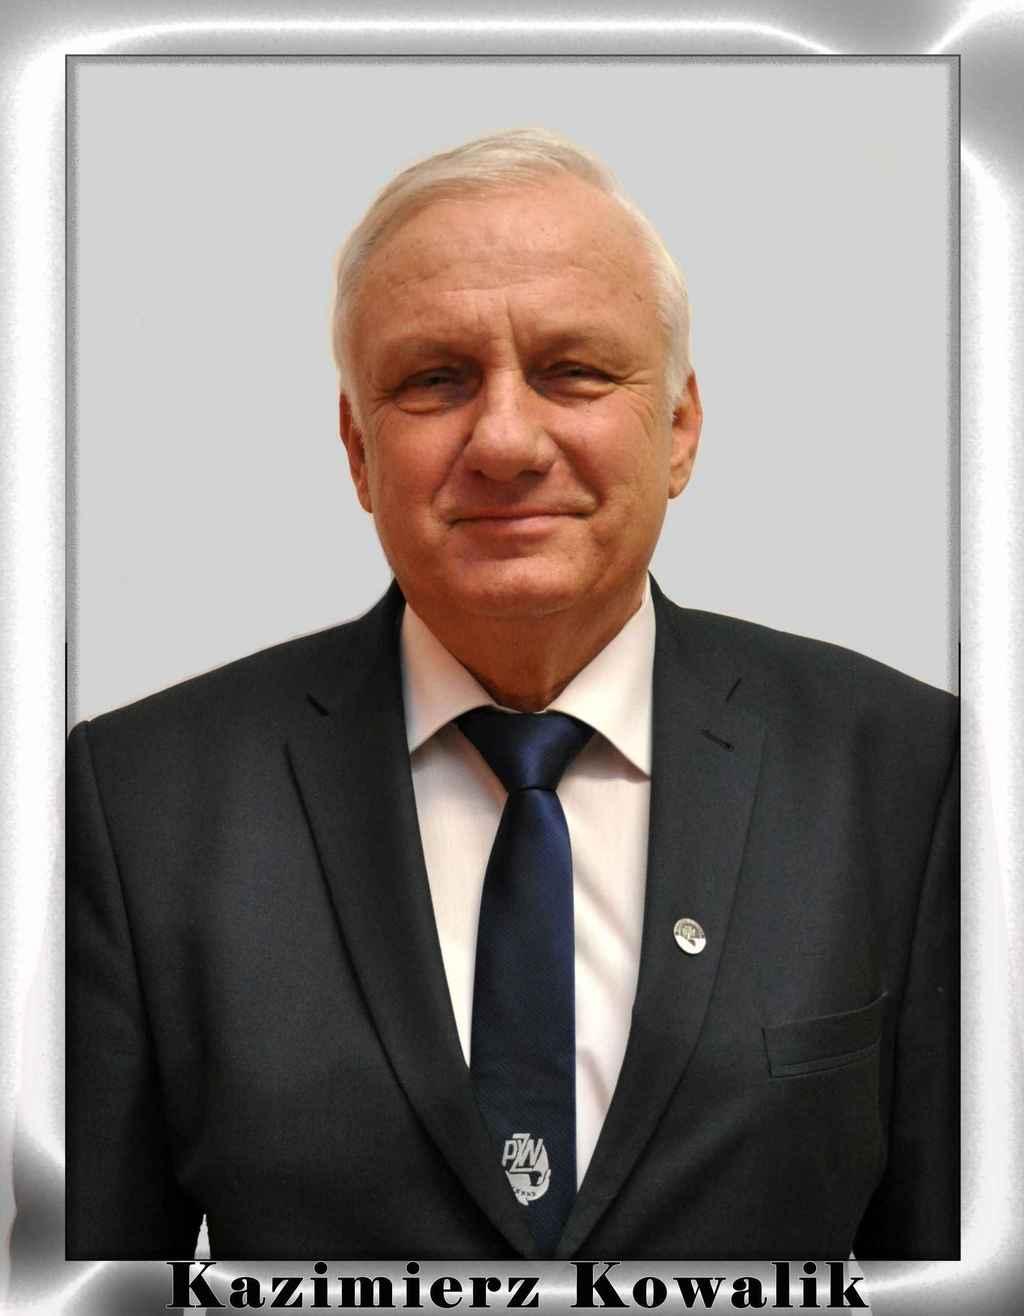 Kazimierz Kowalik